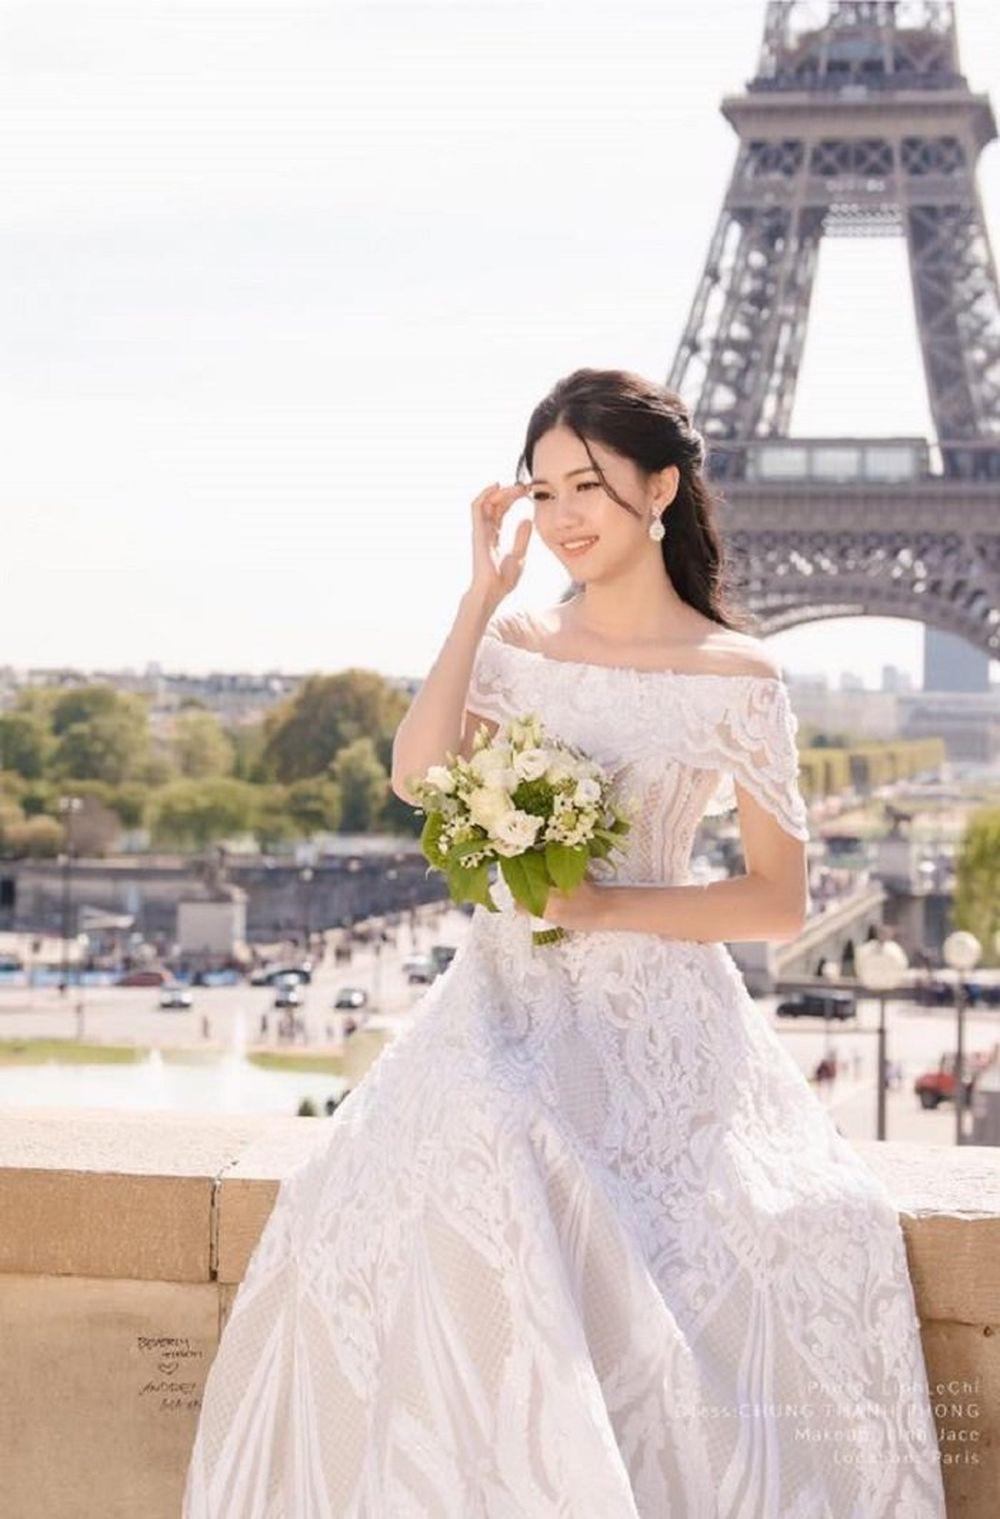 Á hậu Thanh Tú và doanh nhân Thành Phương quyết định kết hôn sau 1 năm hẹn hò. Cô được bạn trai cầu hôn cách đây 4 tháng.